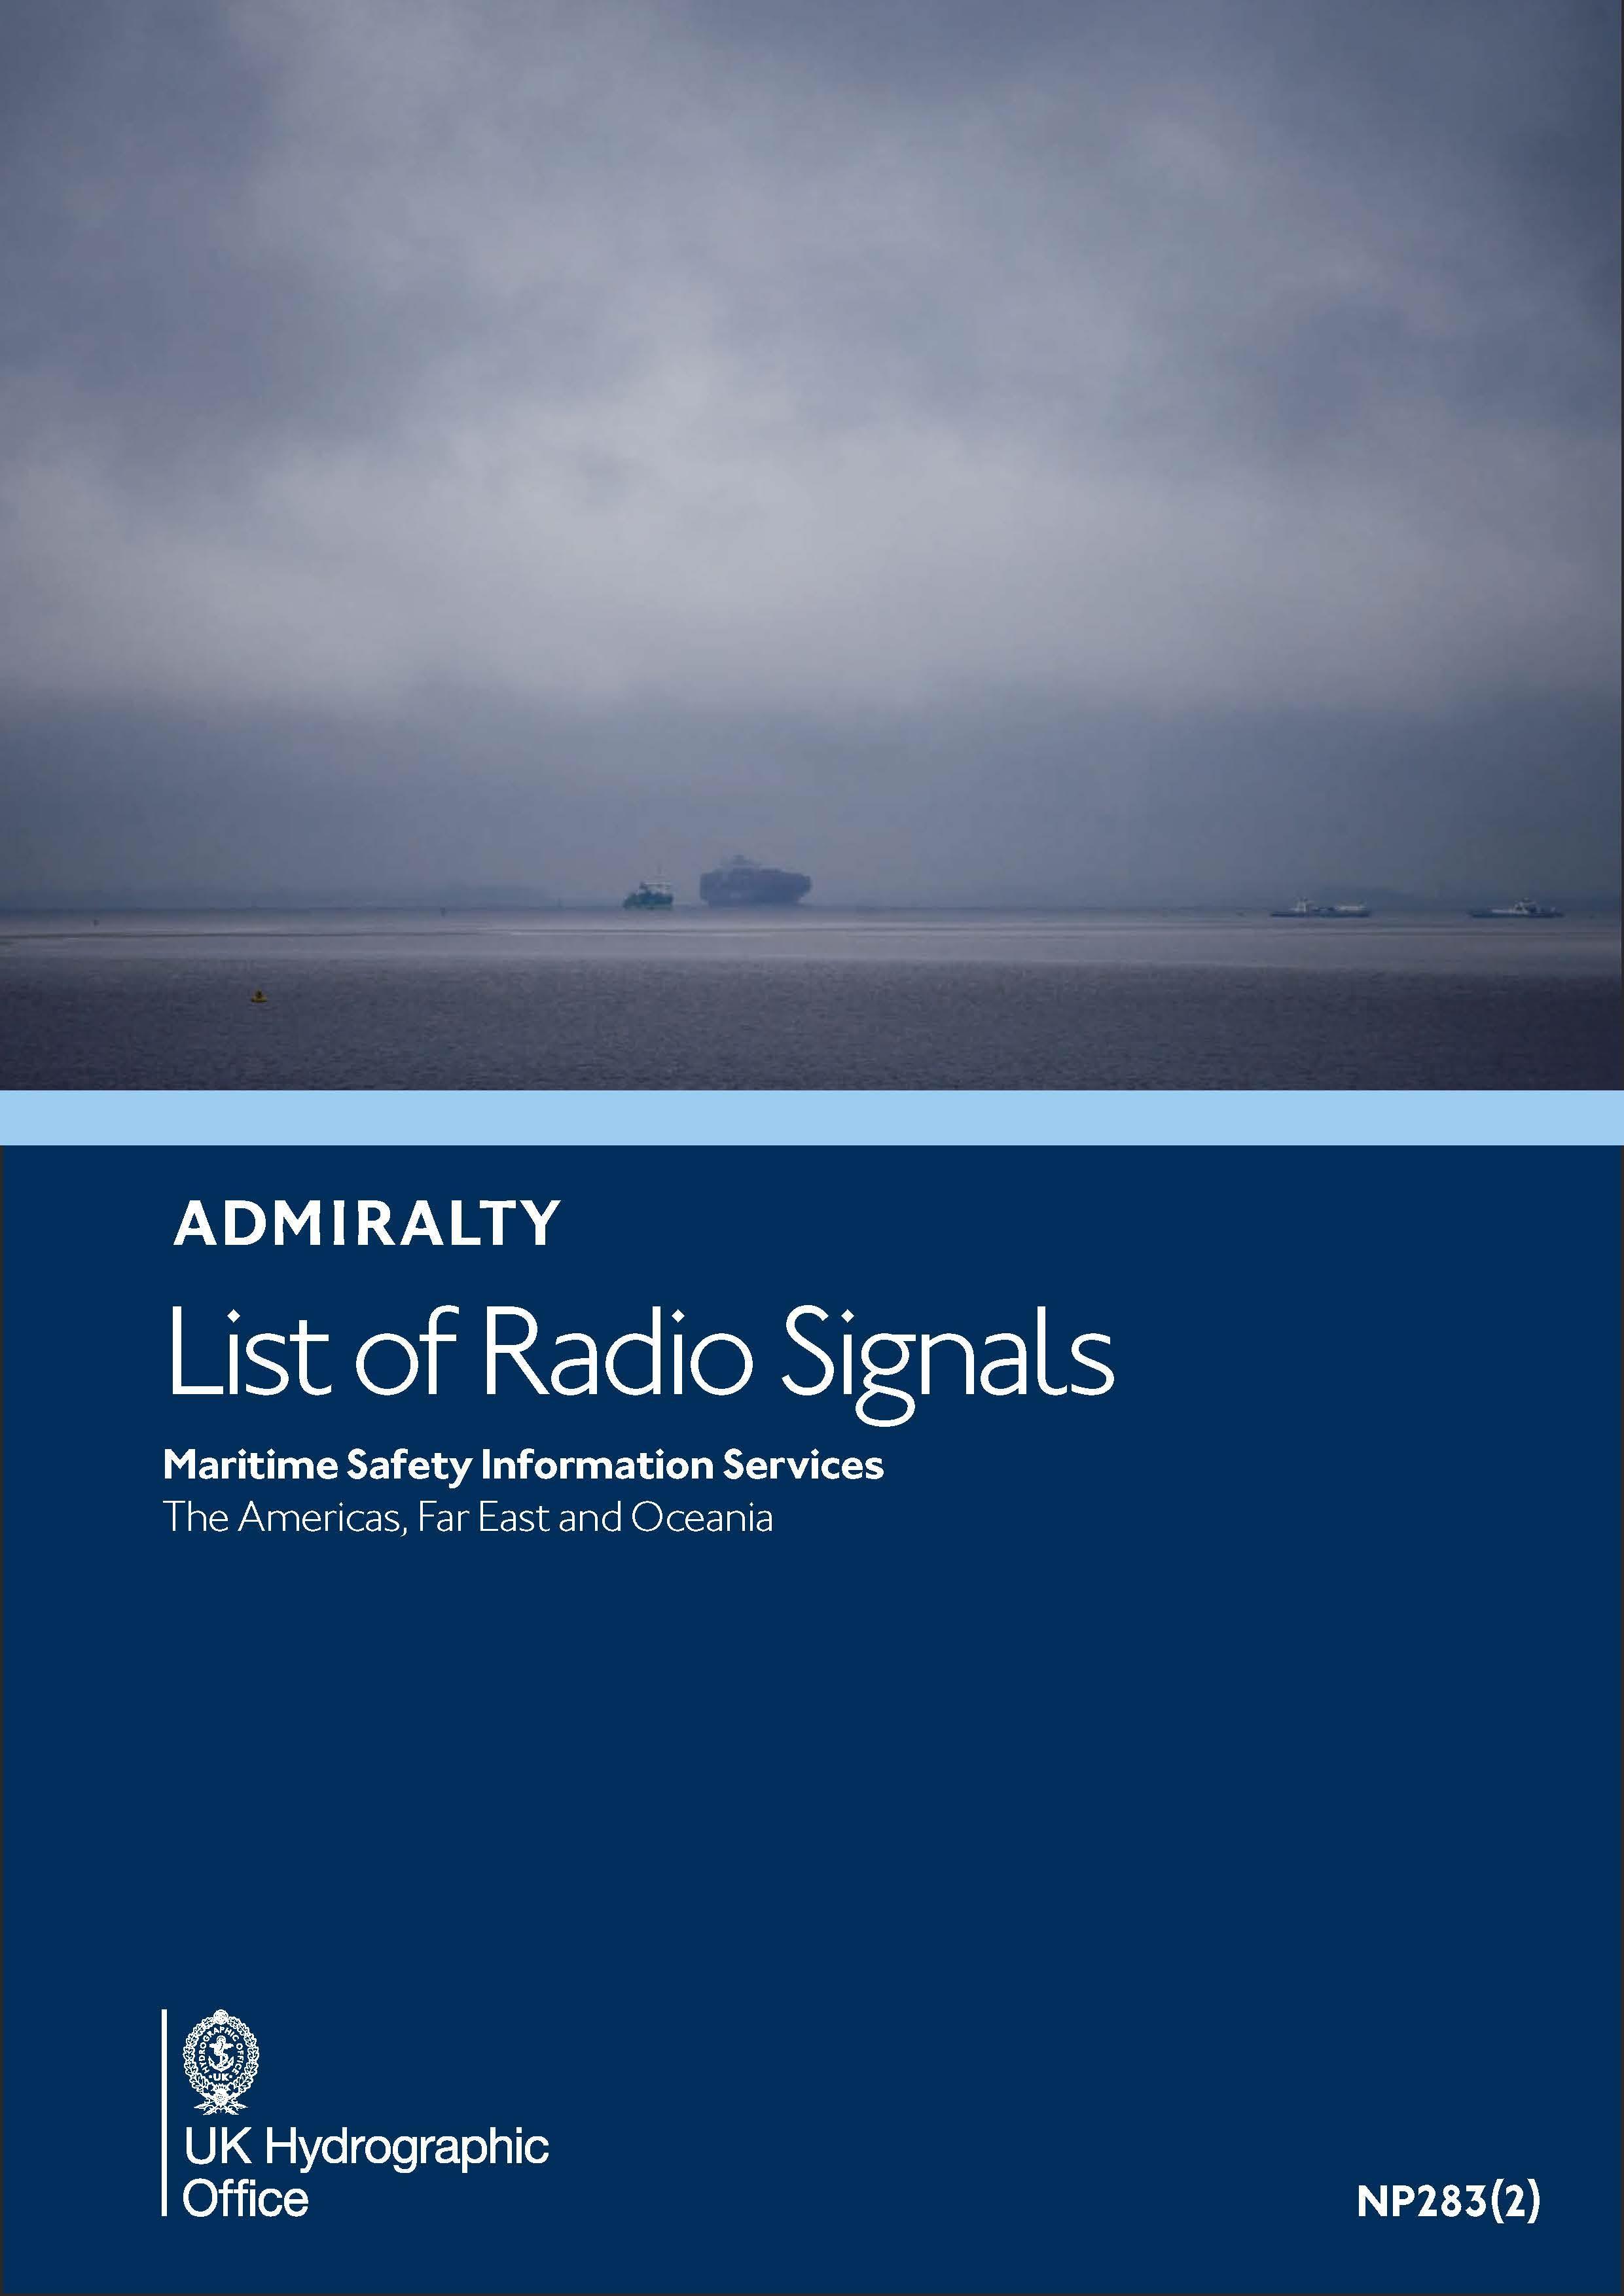 ADMIRALTY NP283(2) List of Radio Signals Volume 3 Part 2